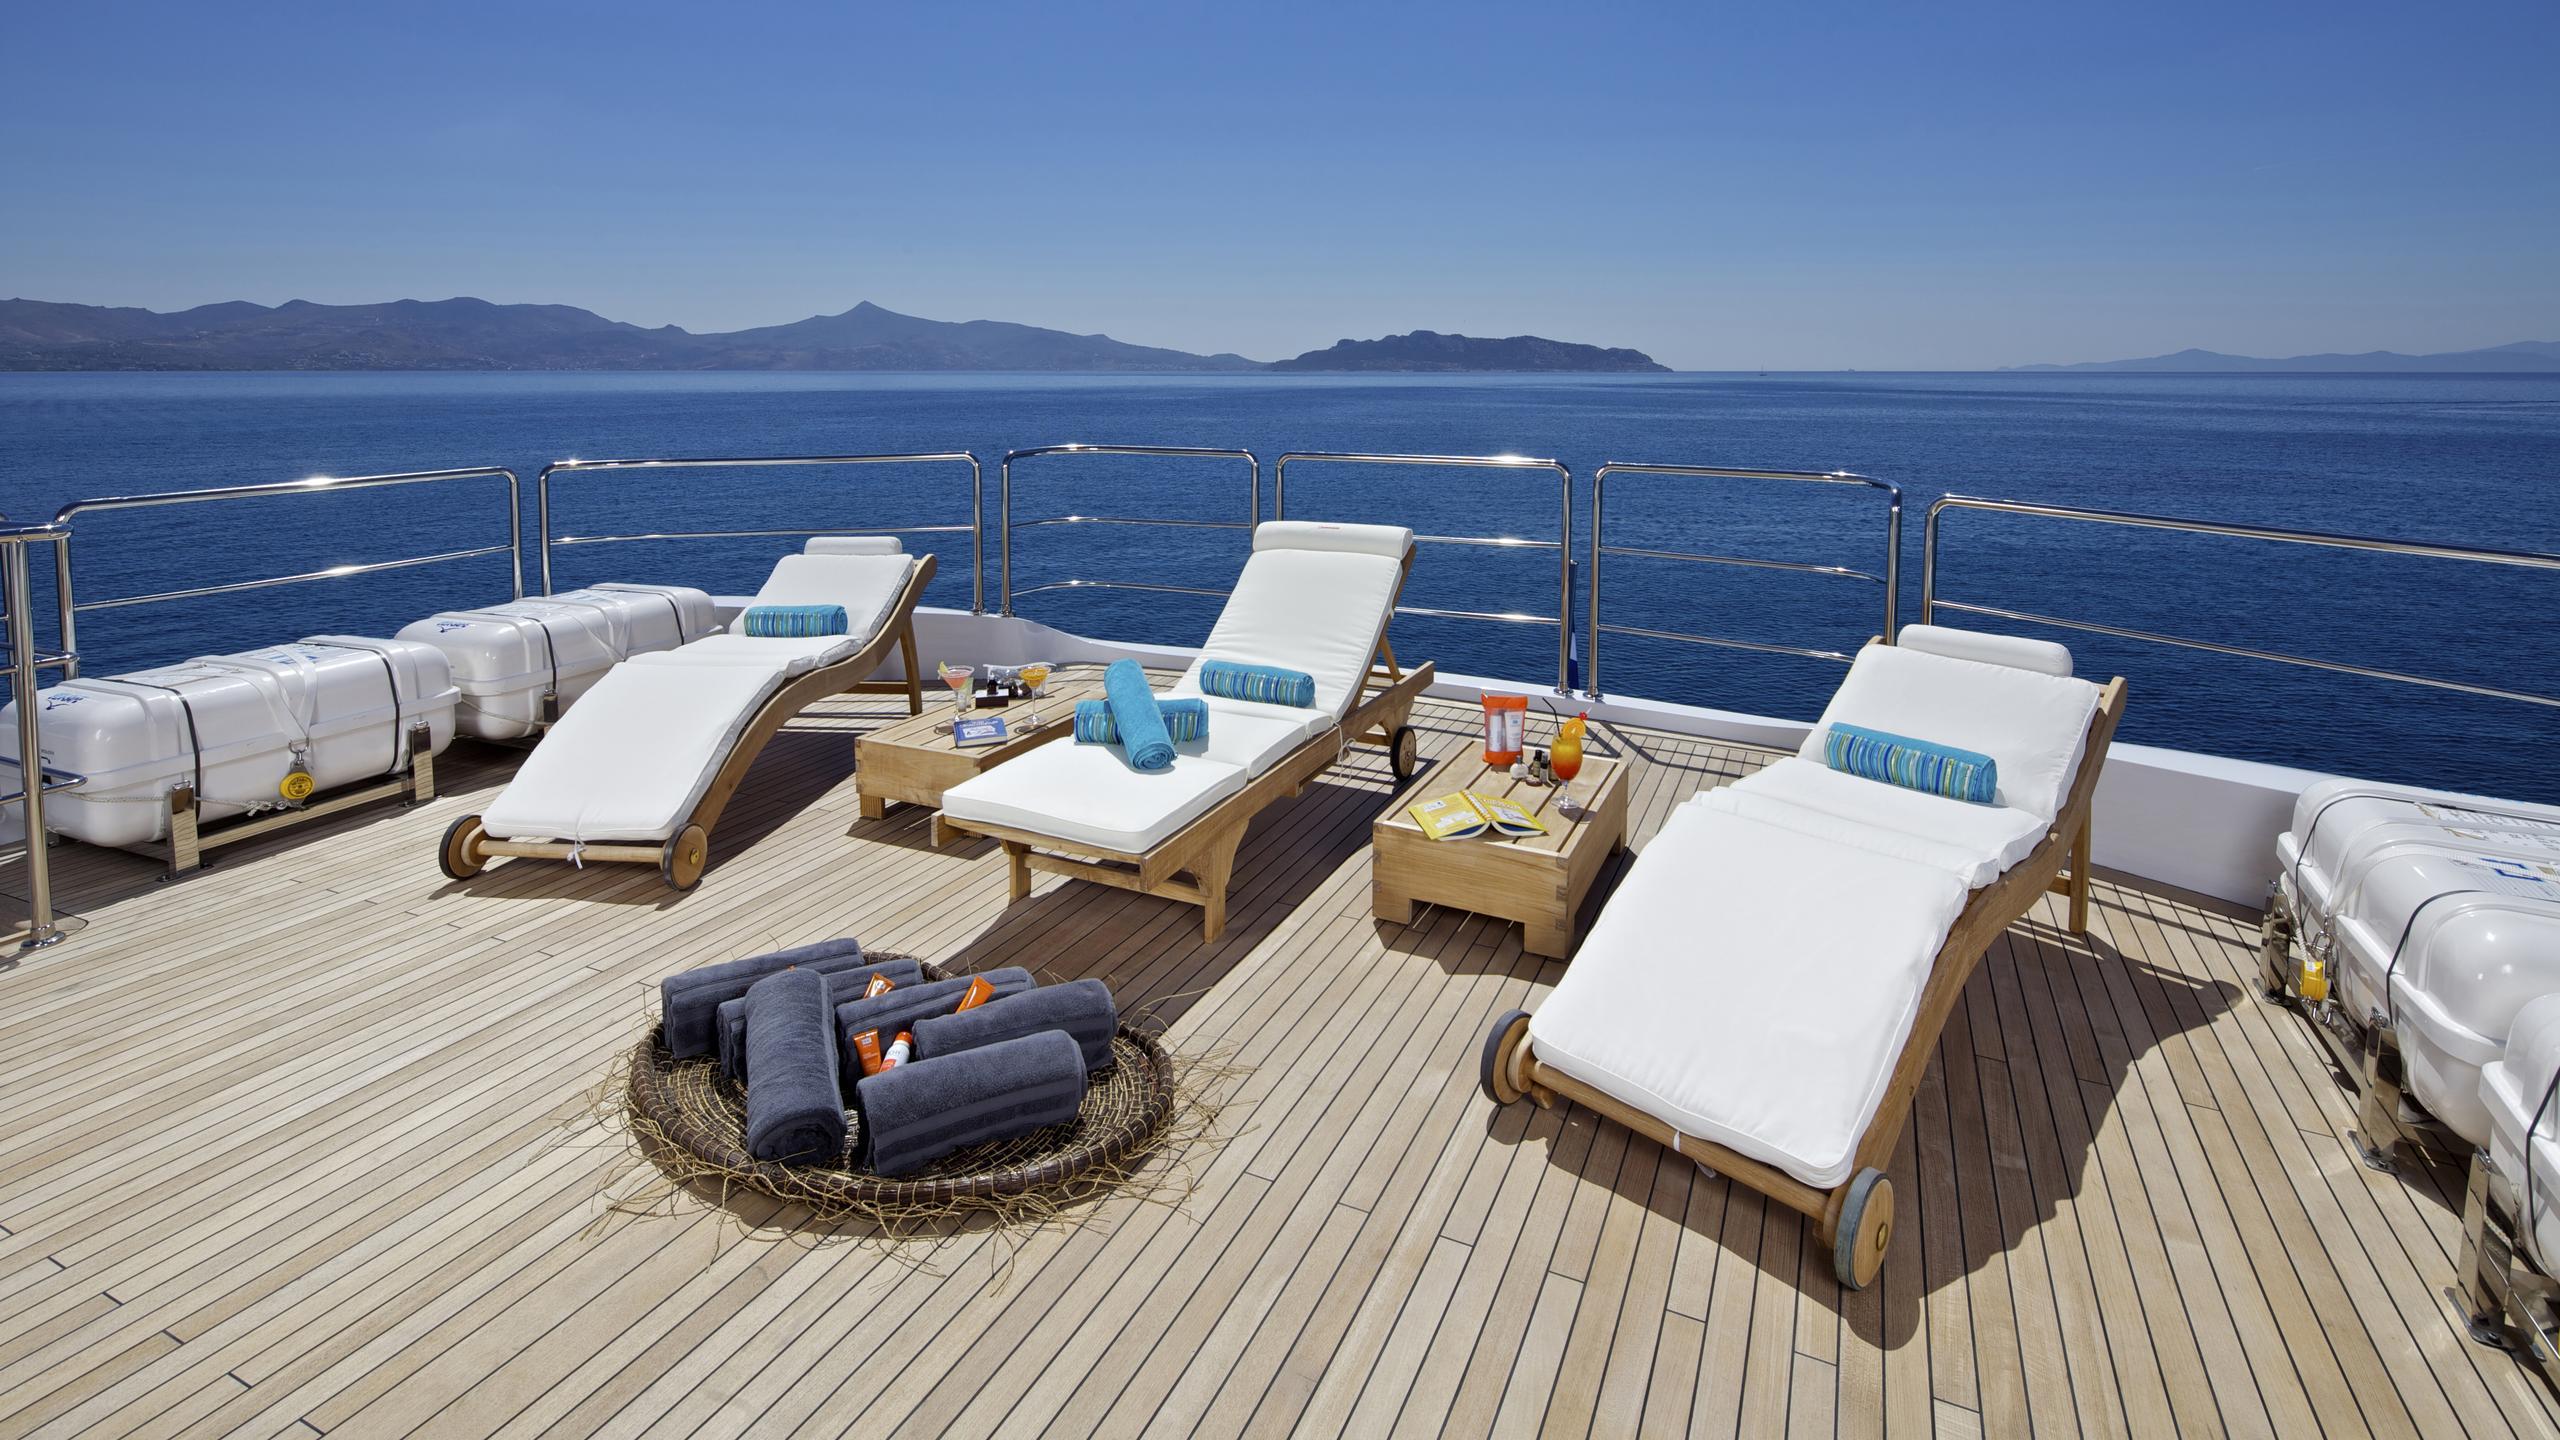 orama-yacht-sun-loungers